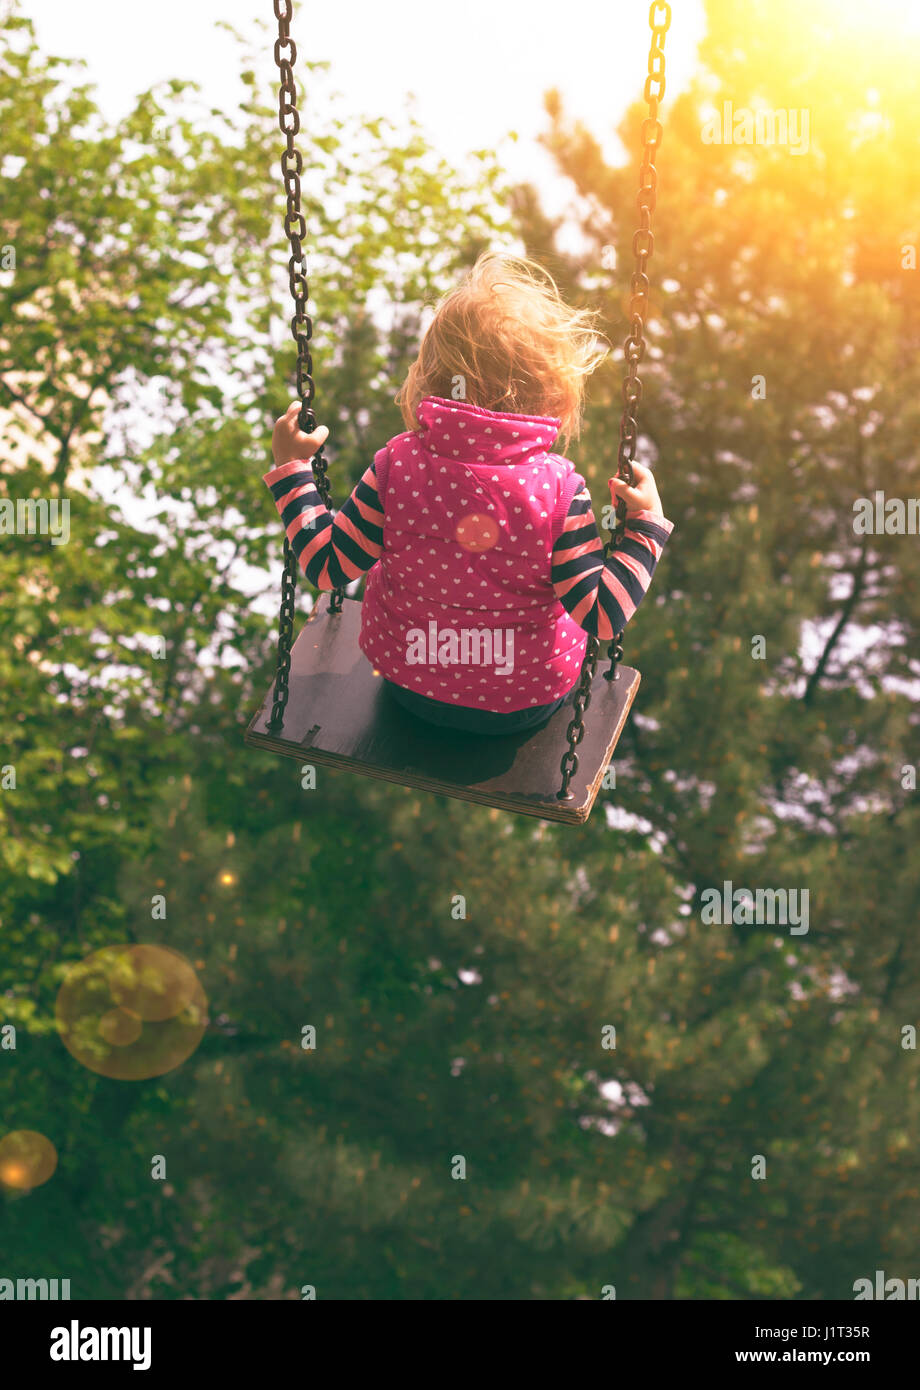 Bébé fille sur la balançoire Photo Stock